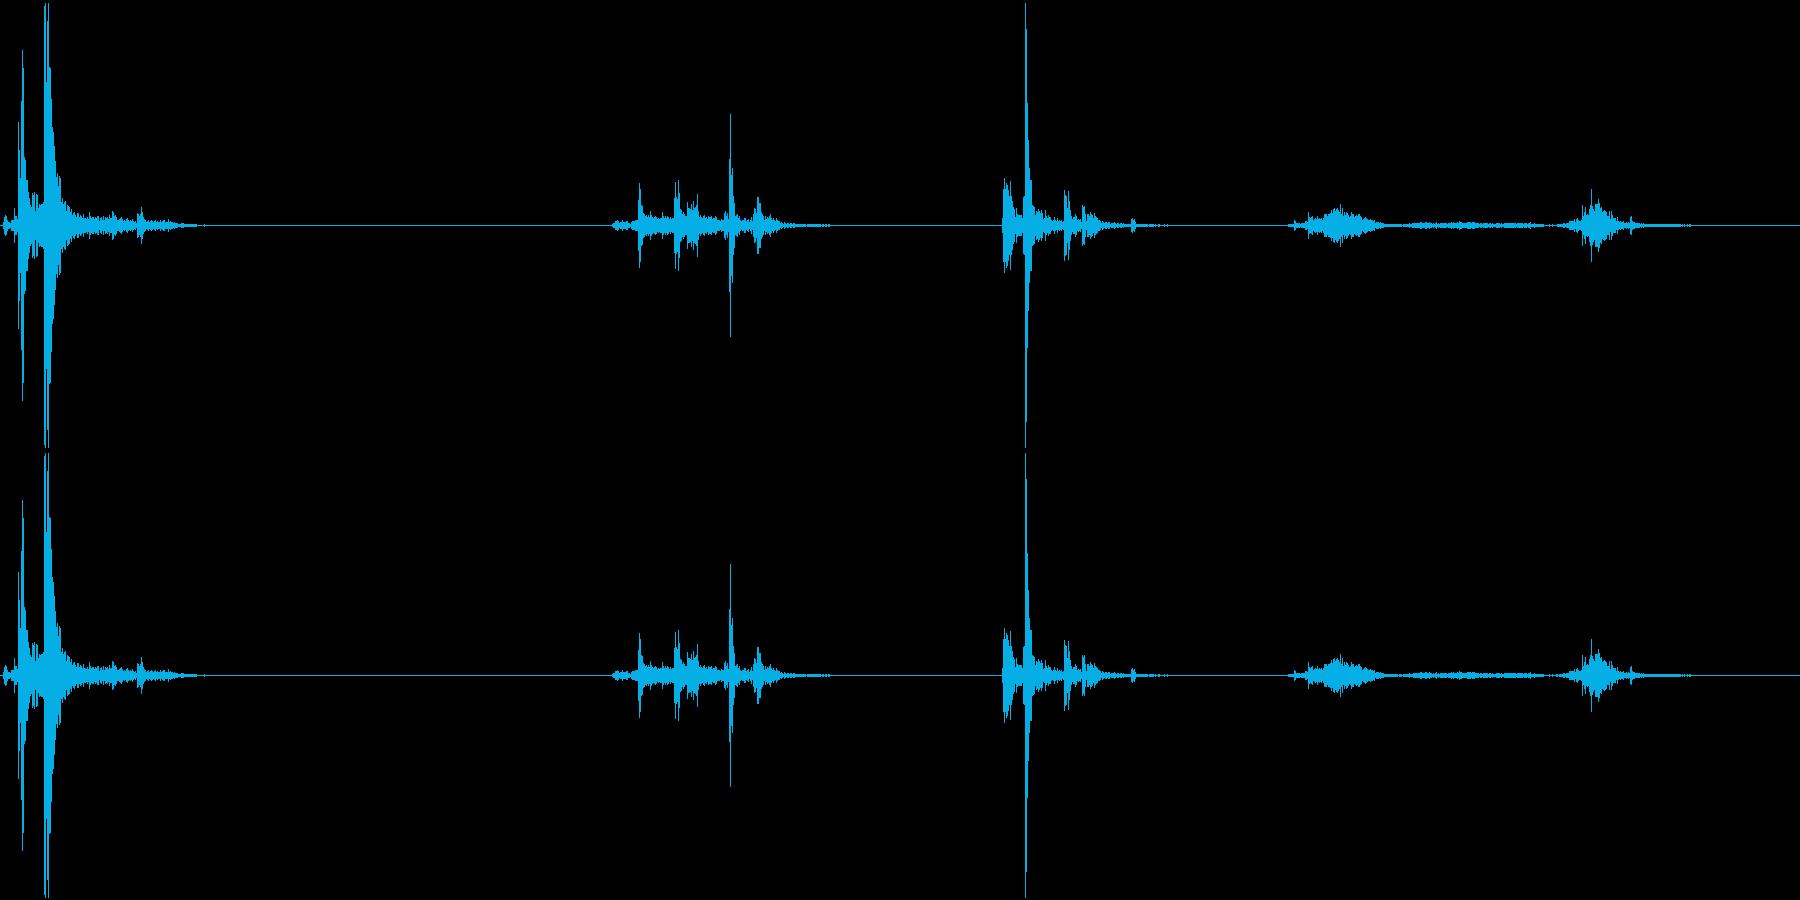 キュッキュッ(水筒の蓋を閉める音)2の再生済みの波形